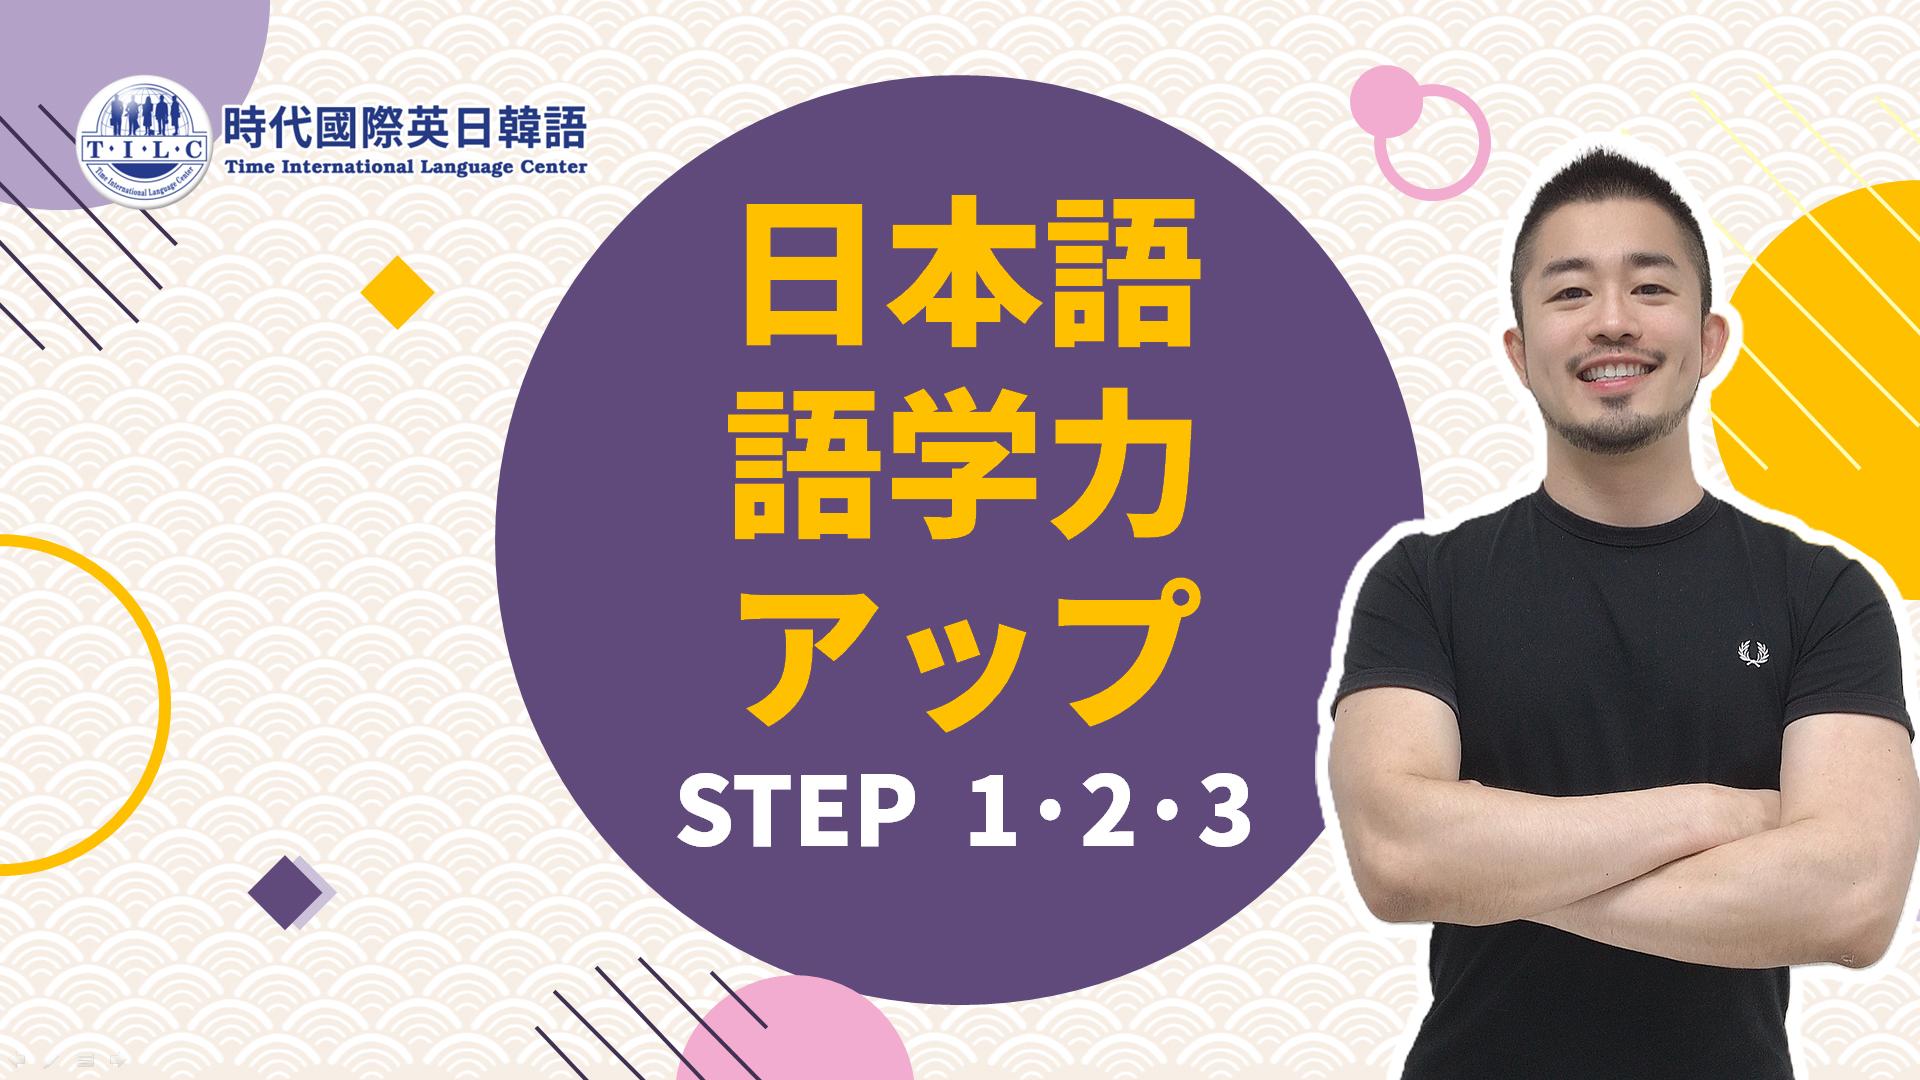 #線上課程 #線上日文 #日文50音 #日文單字 #日文文法